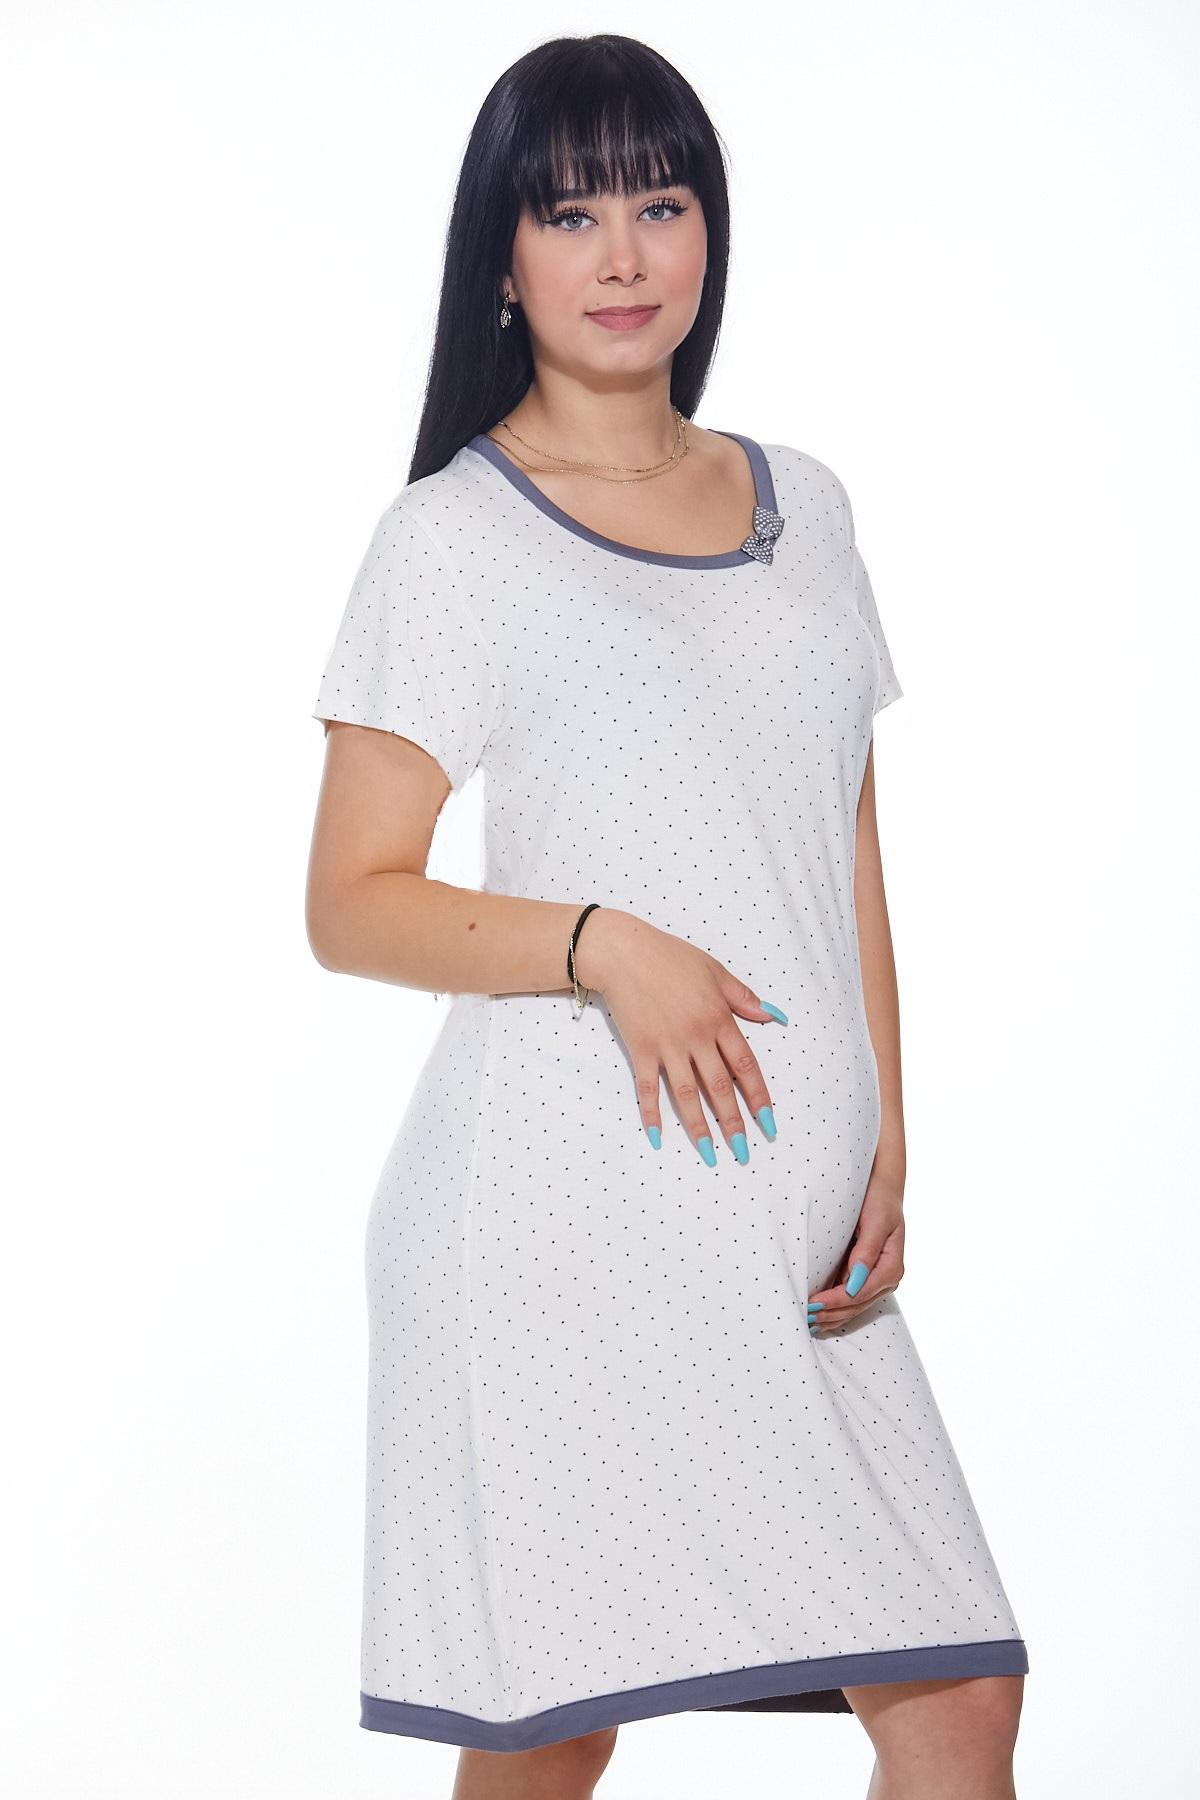 Těhotenská košilka noční